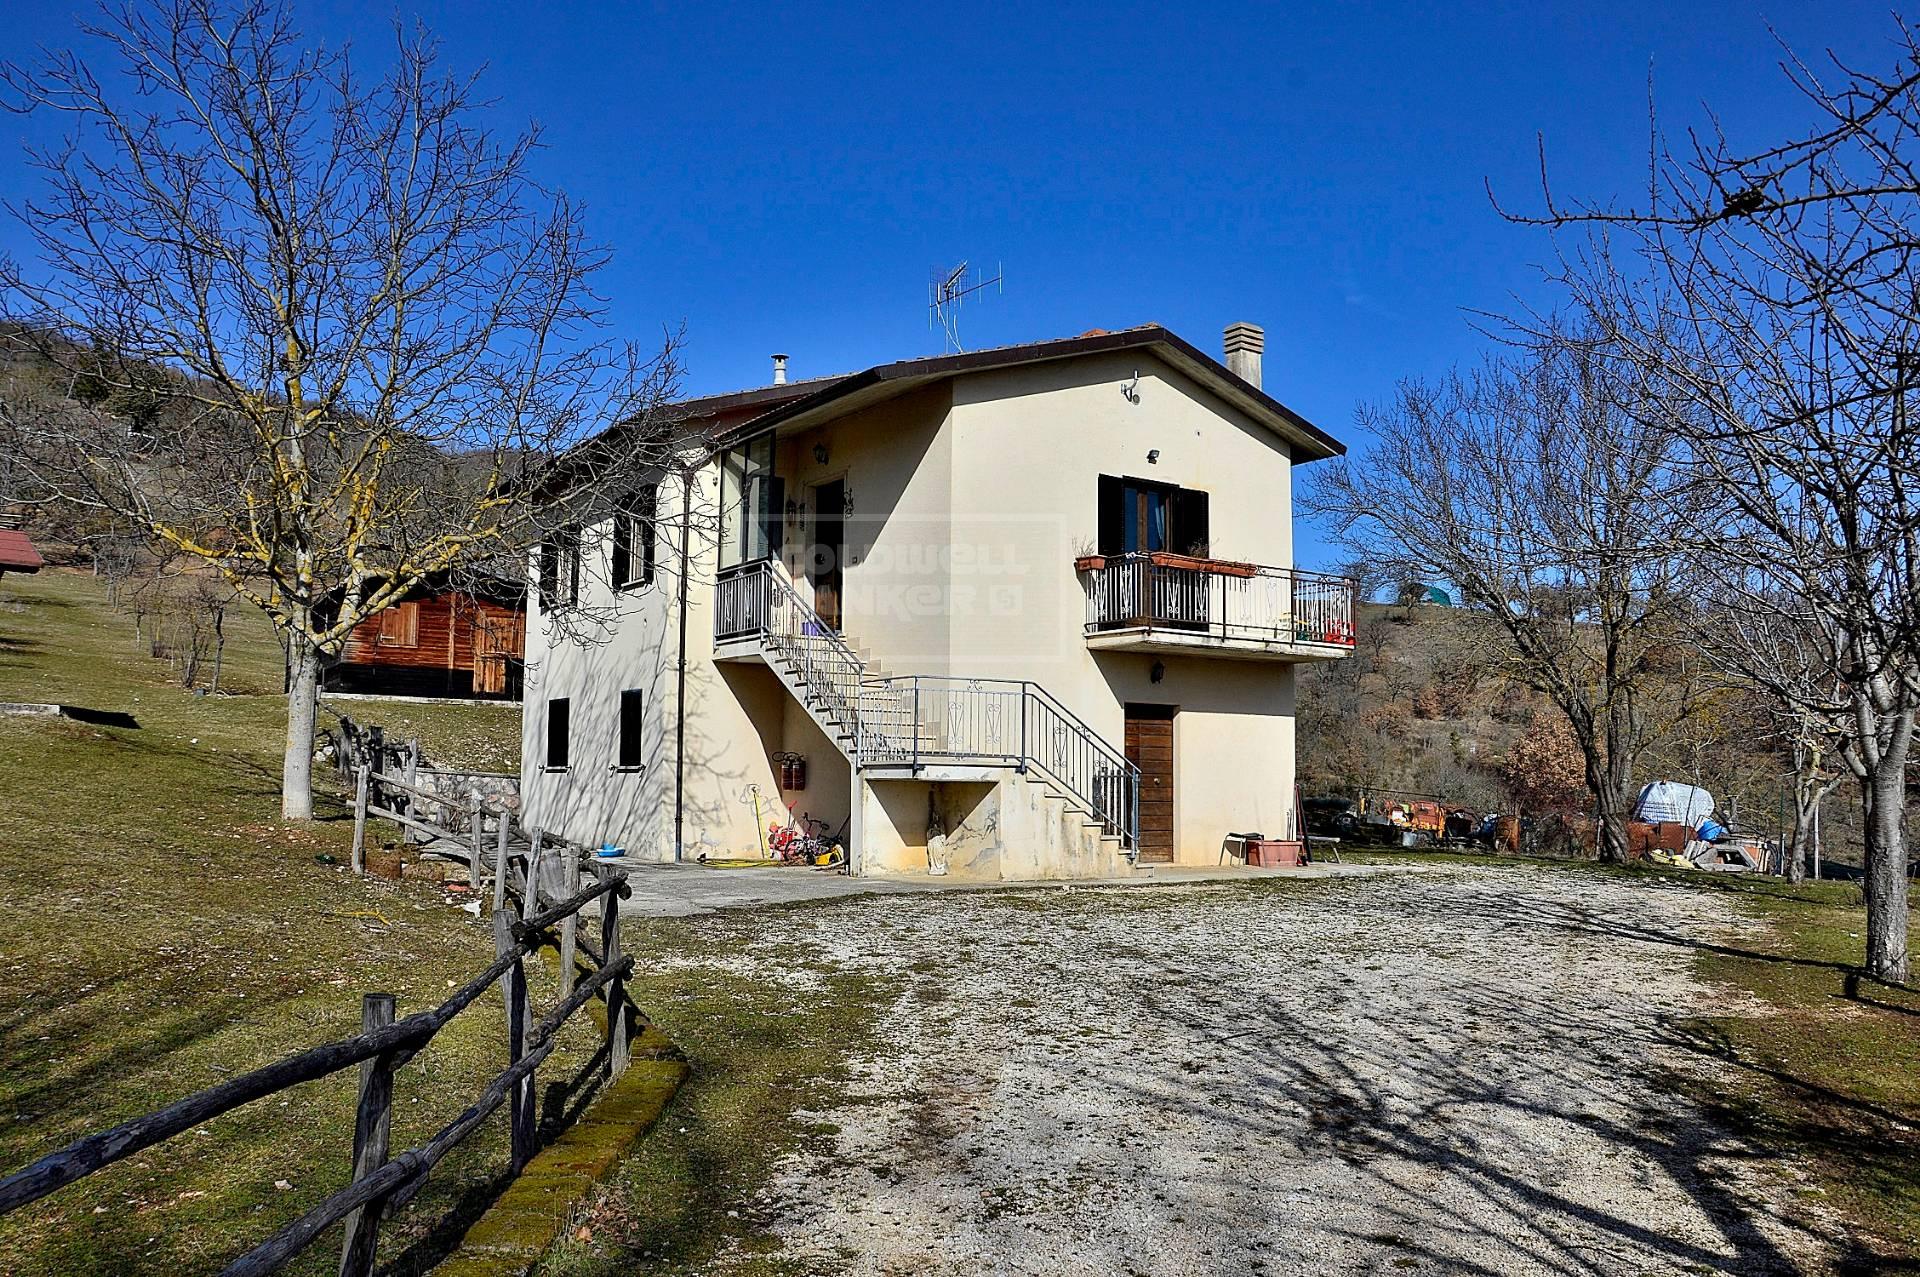 Villa in vendita a Cerreto di Spoleto, 6 locali, prezzo € 155.000 | CambioCasa.it